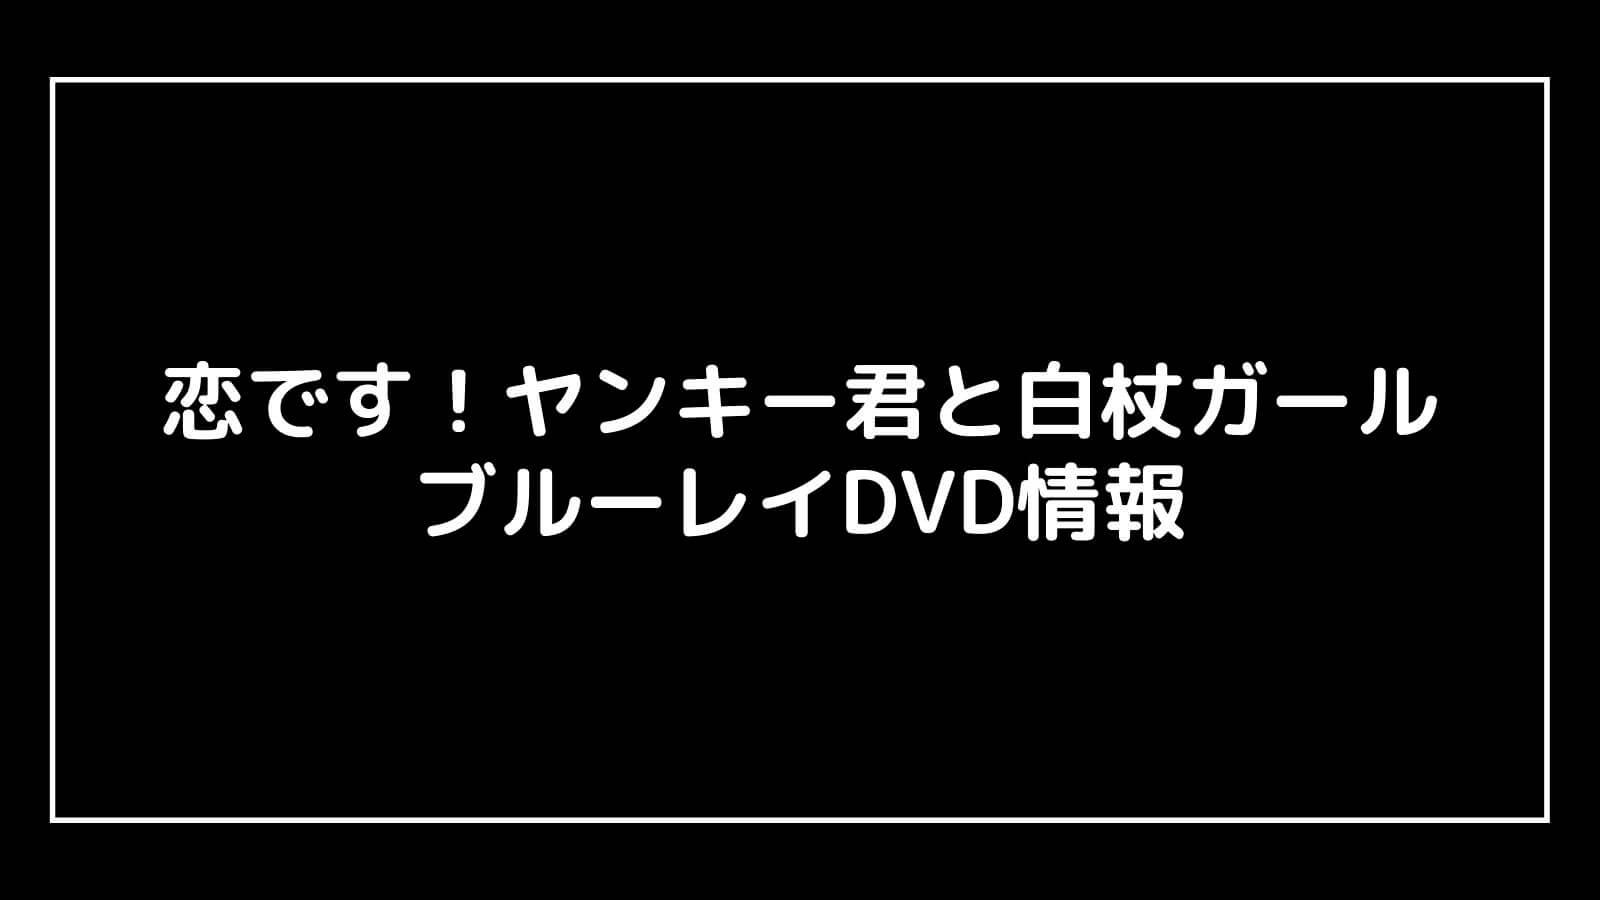 『恋です!ヤンキー君と白杖ガール』のDVD発売日と予約開始日はいつから?円盤情報まとめ